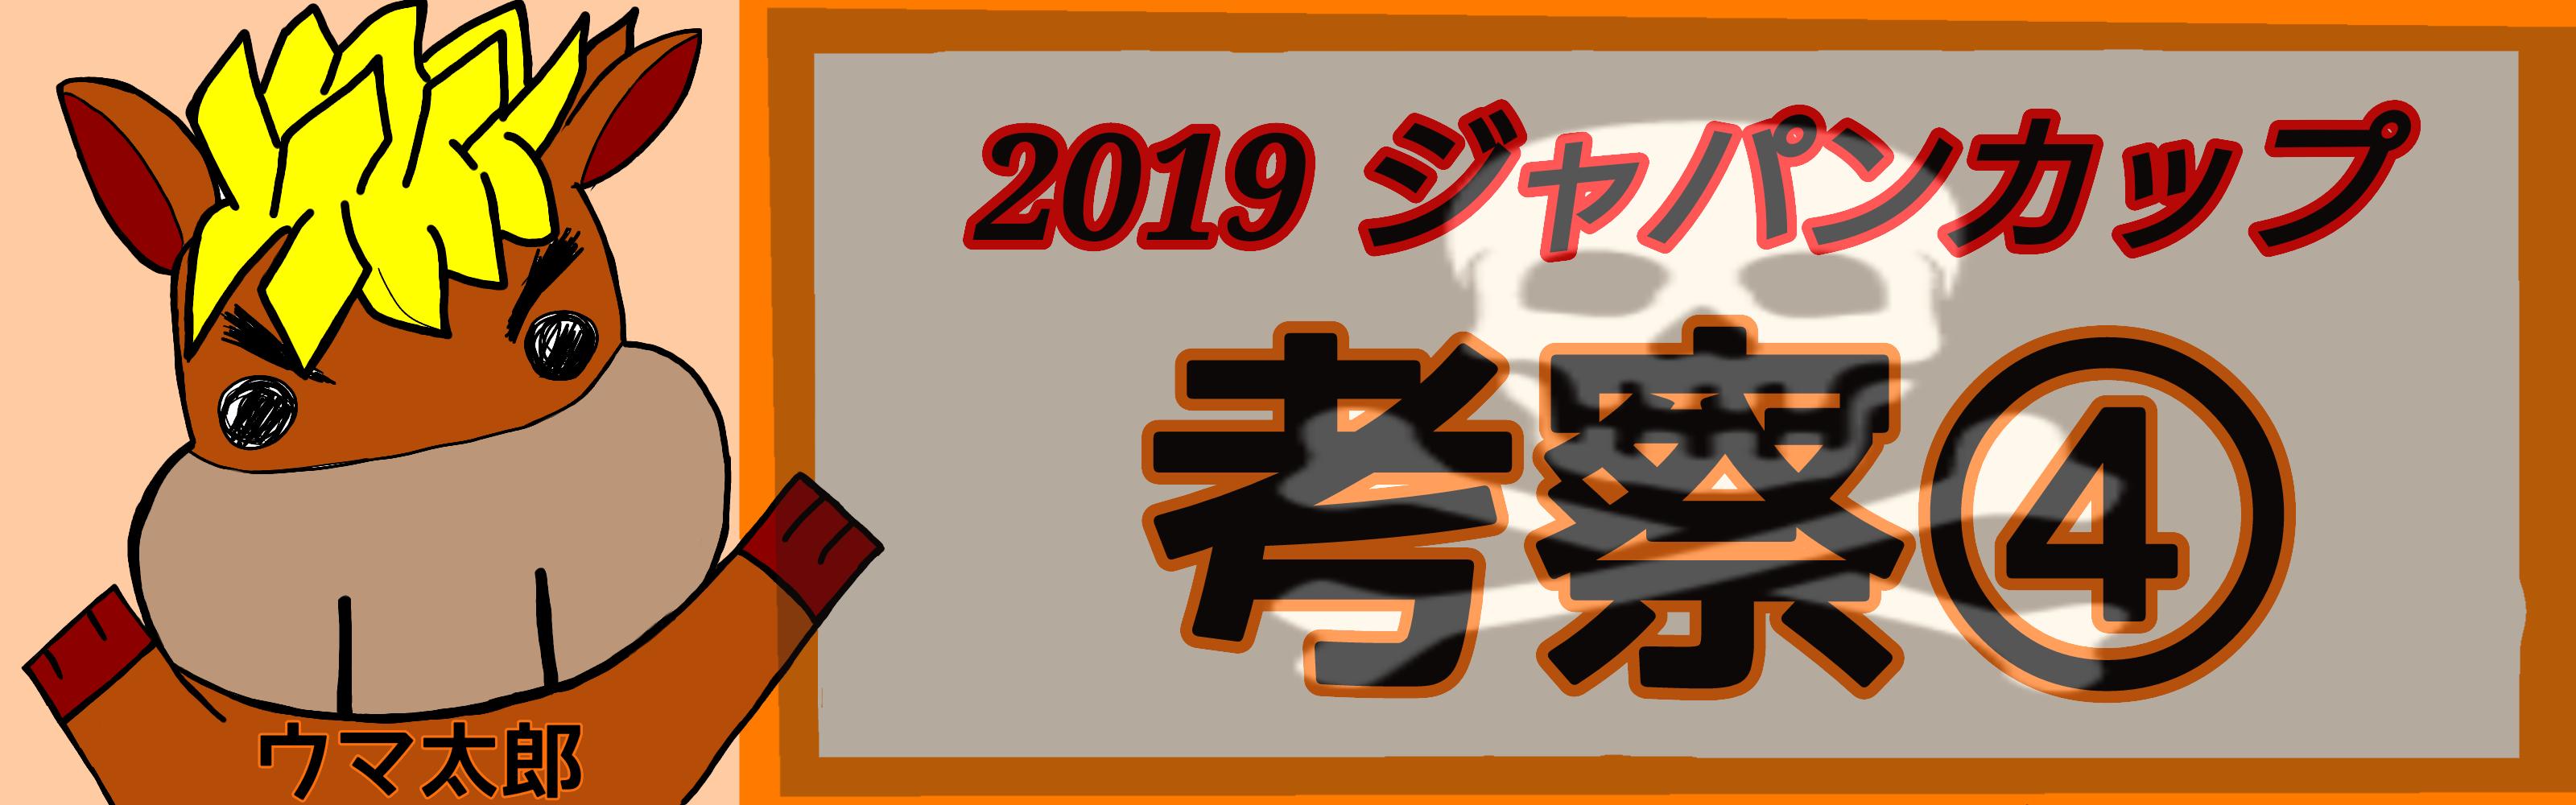 ジャパンカップ 考察4